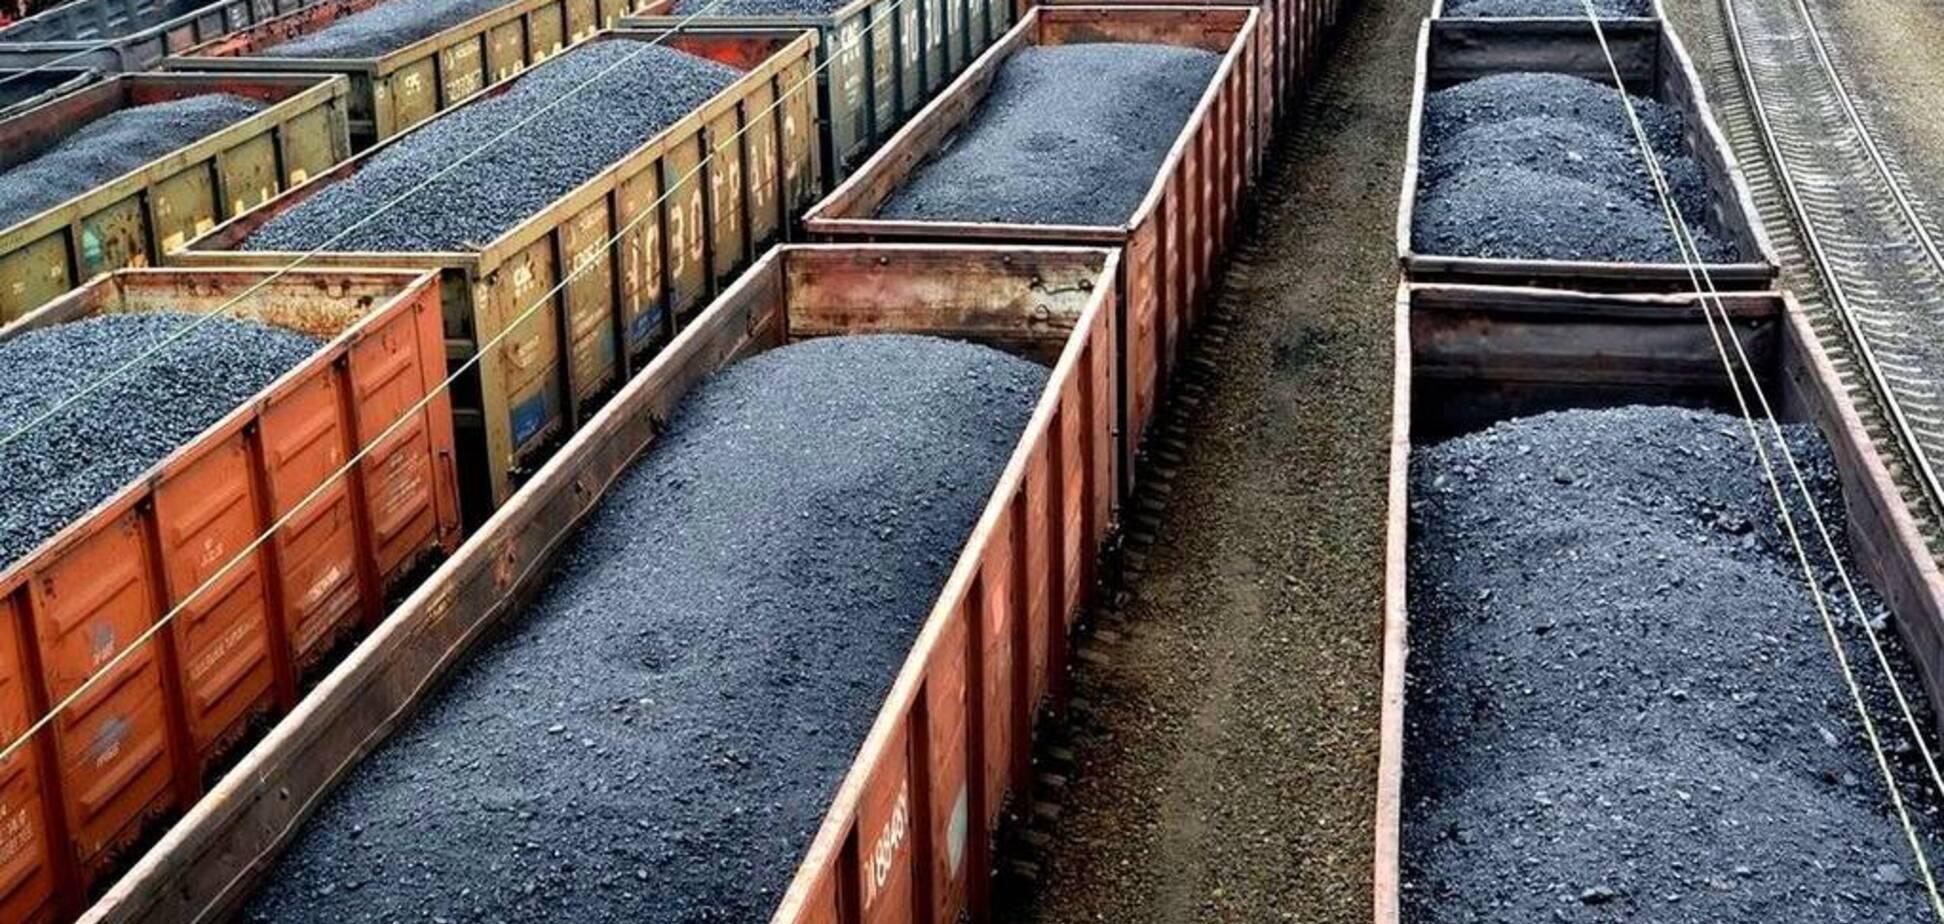 Уголь из России: скандальную переписку Геруса слили в сеть